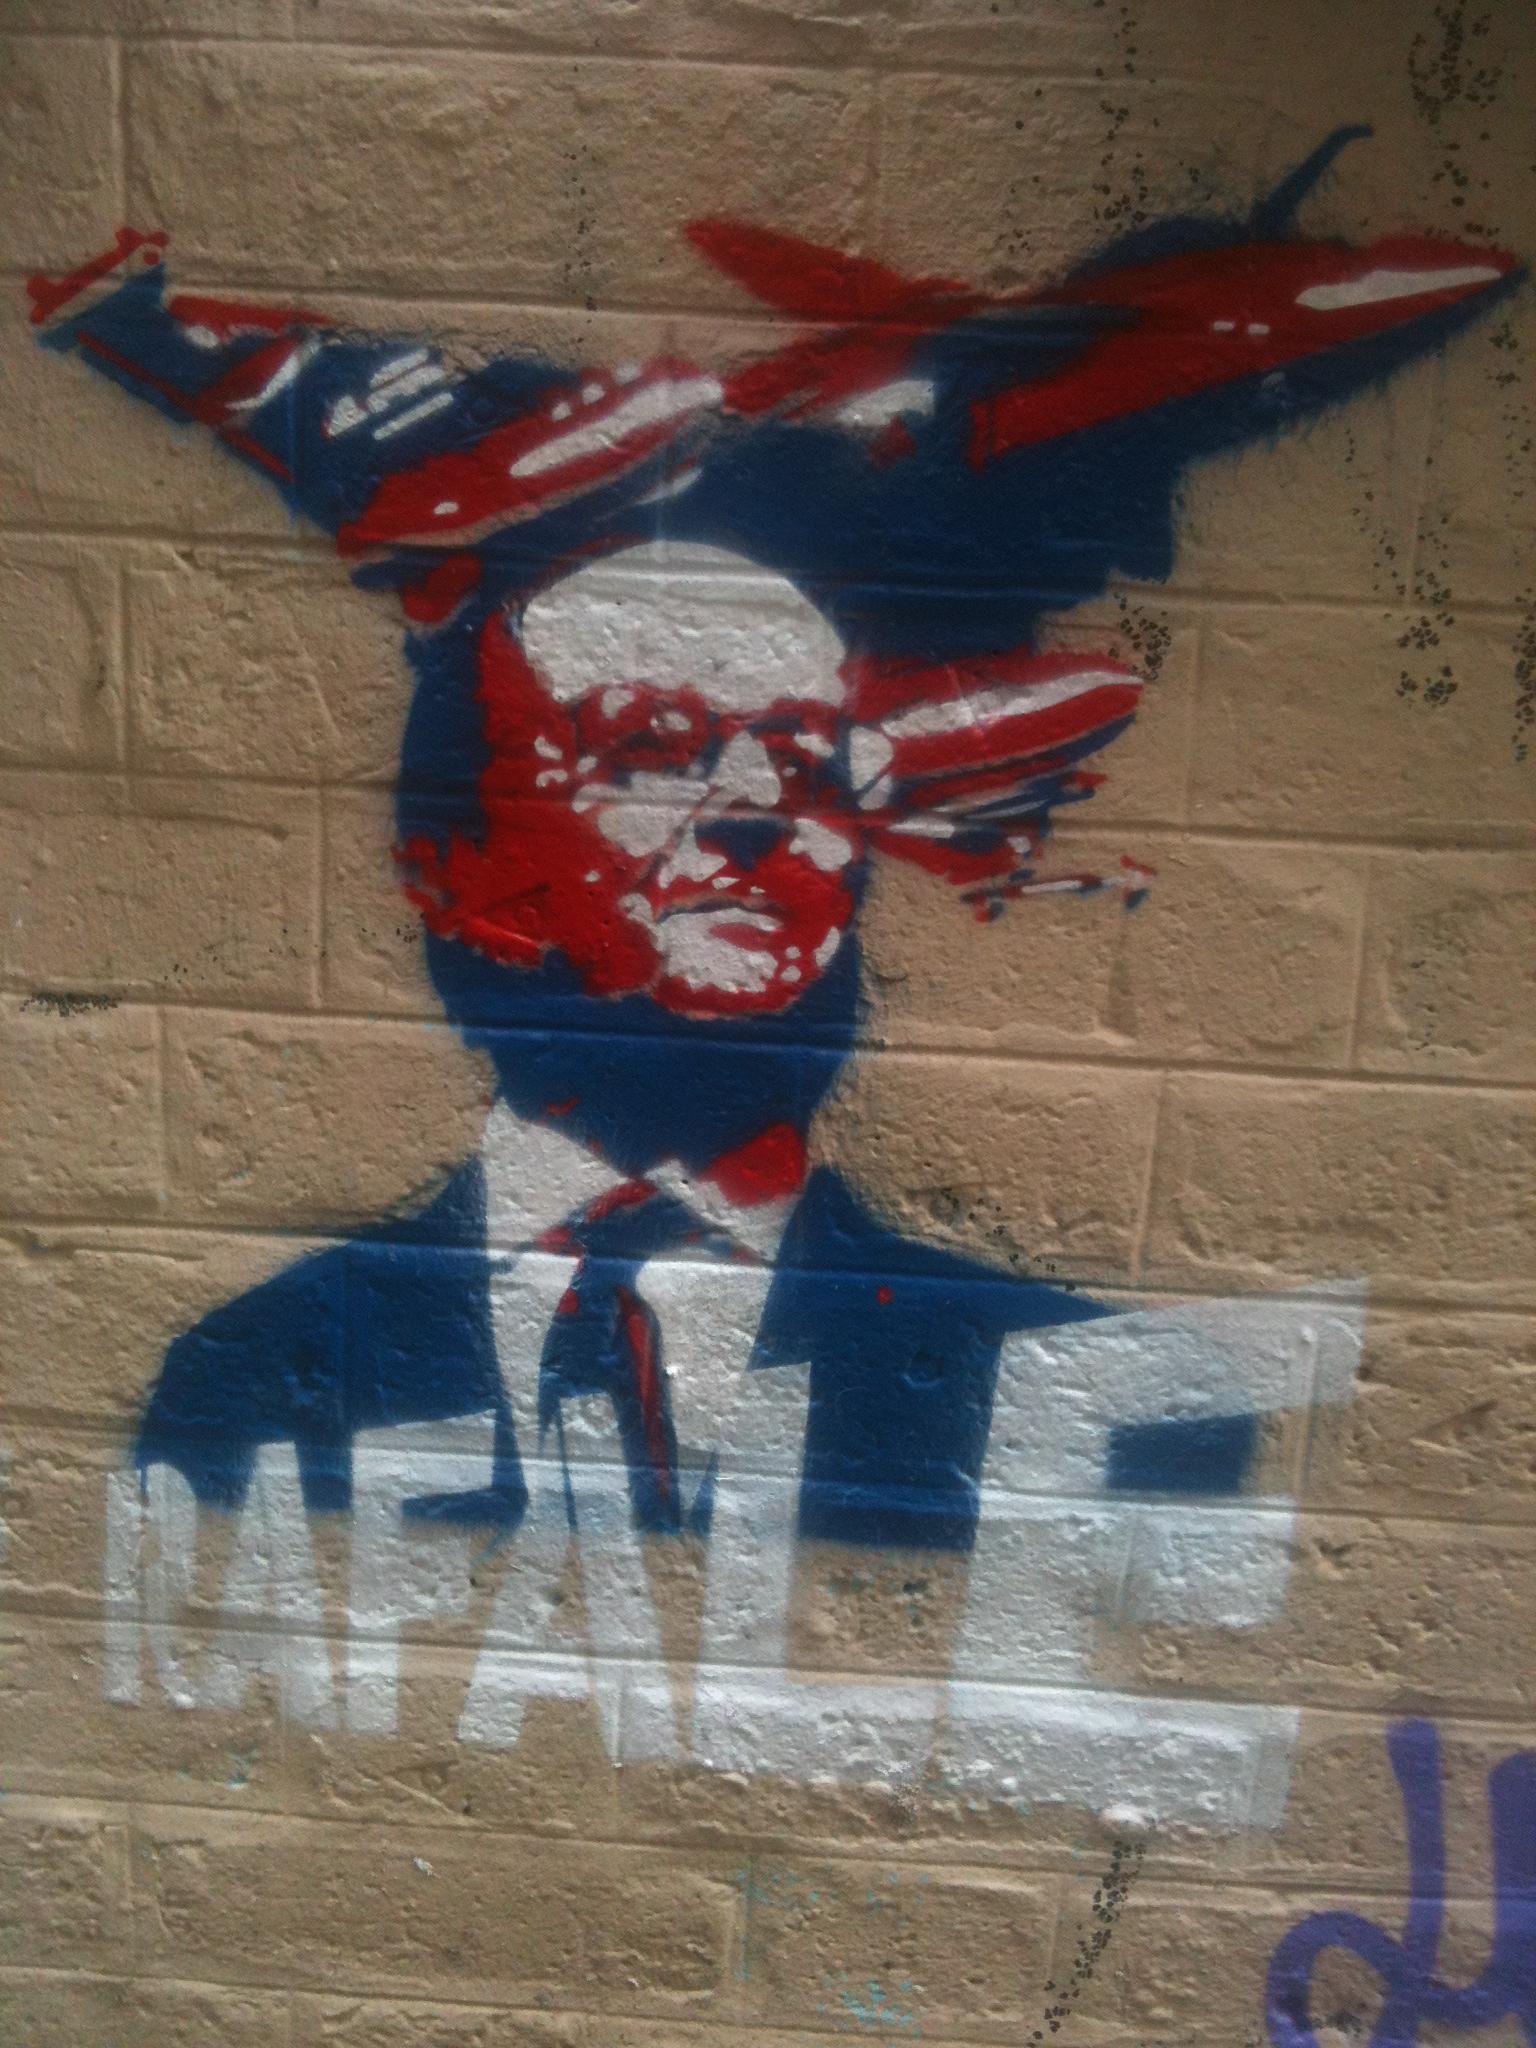 Grafitti aparegut al districte 10, amb el president Hollande i un avió caça 'Rafale', dissenyat i construït a França / Xavi Espinet